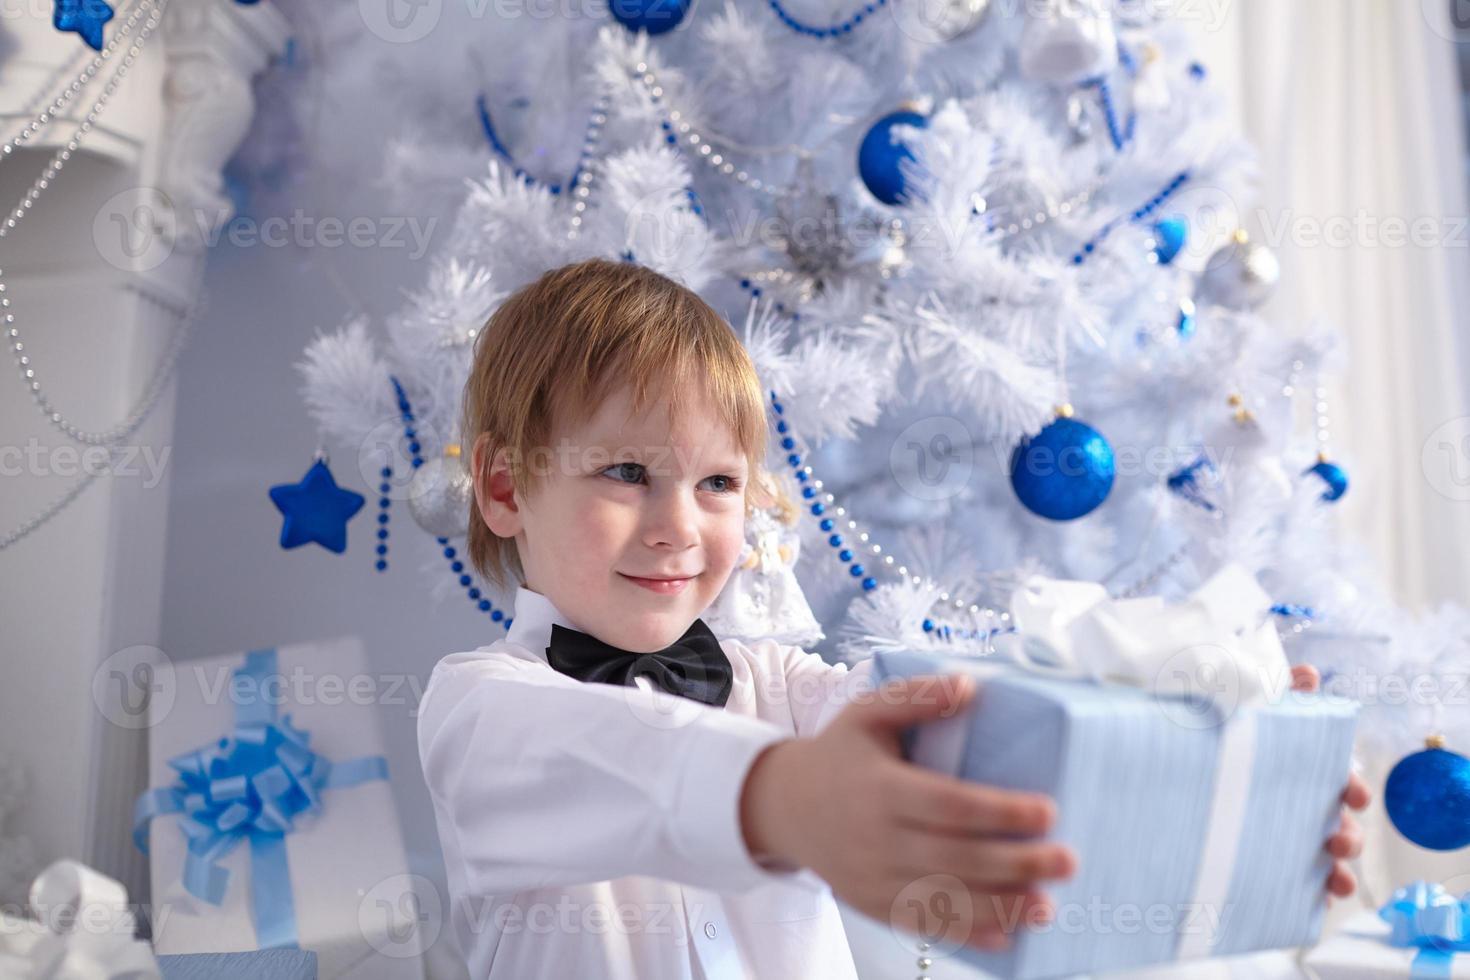 menino de camisa e gravata borboleta dando um presente foto